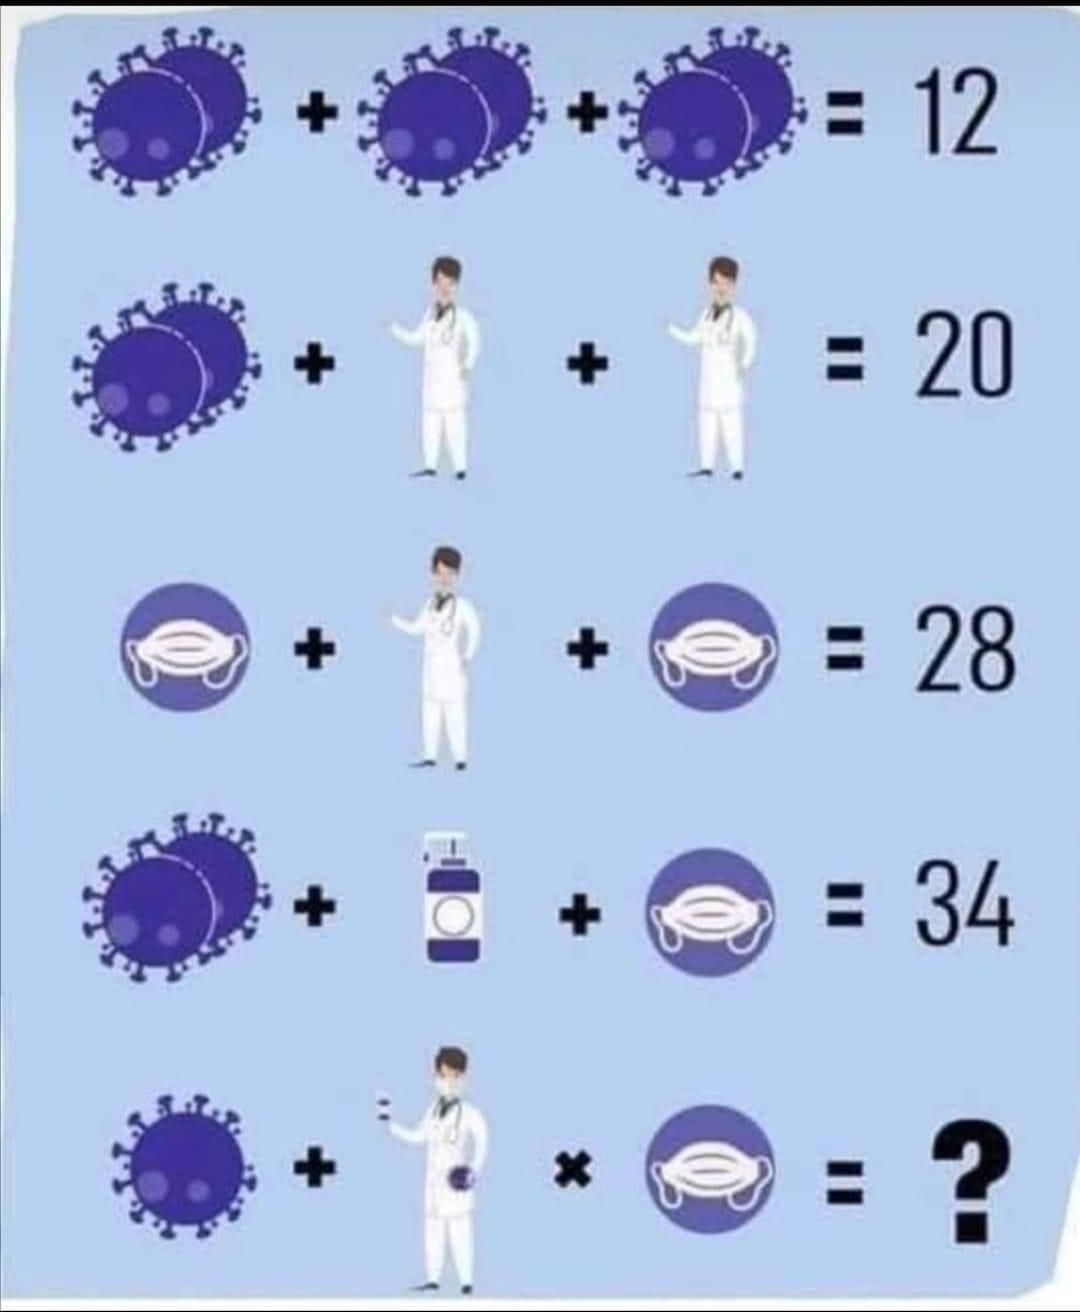 Soluzione gioco matematico virus dottore e mascherina